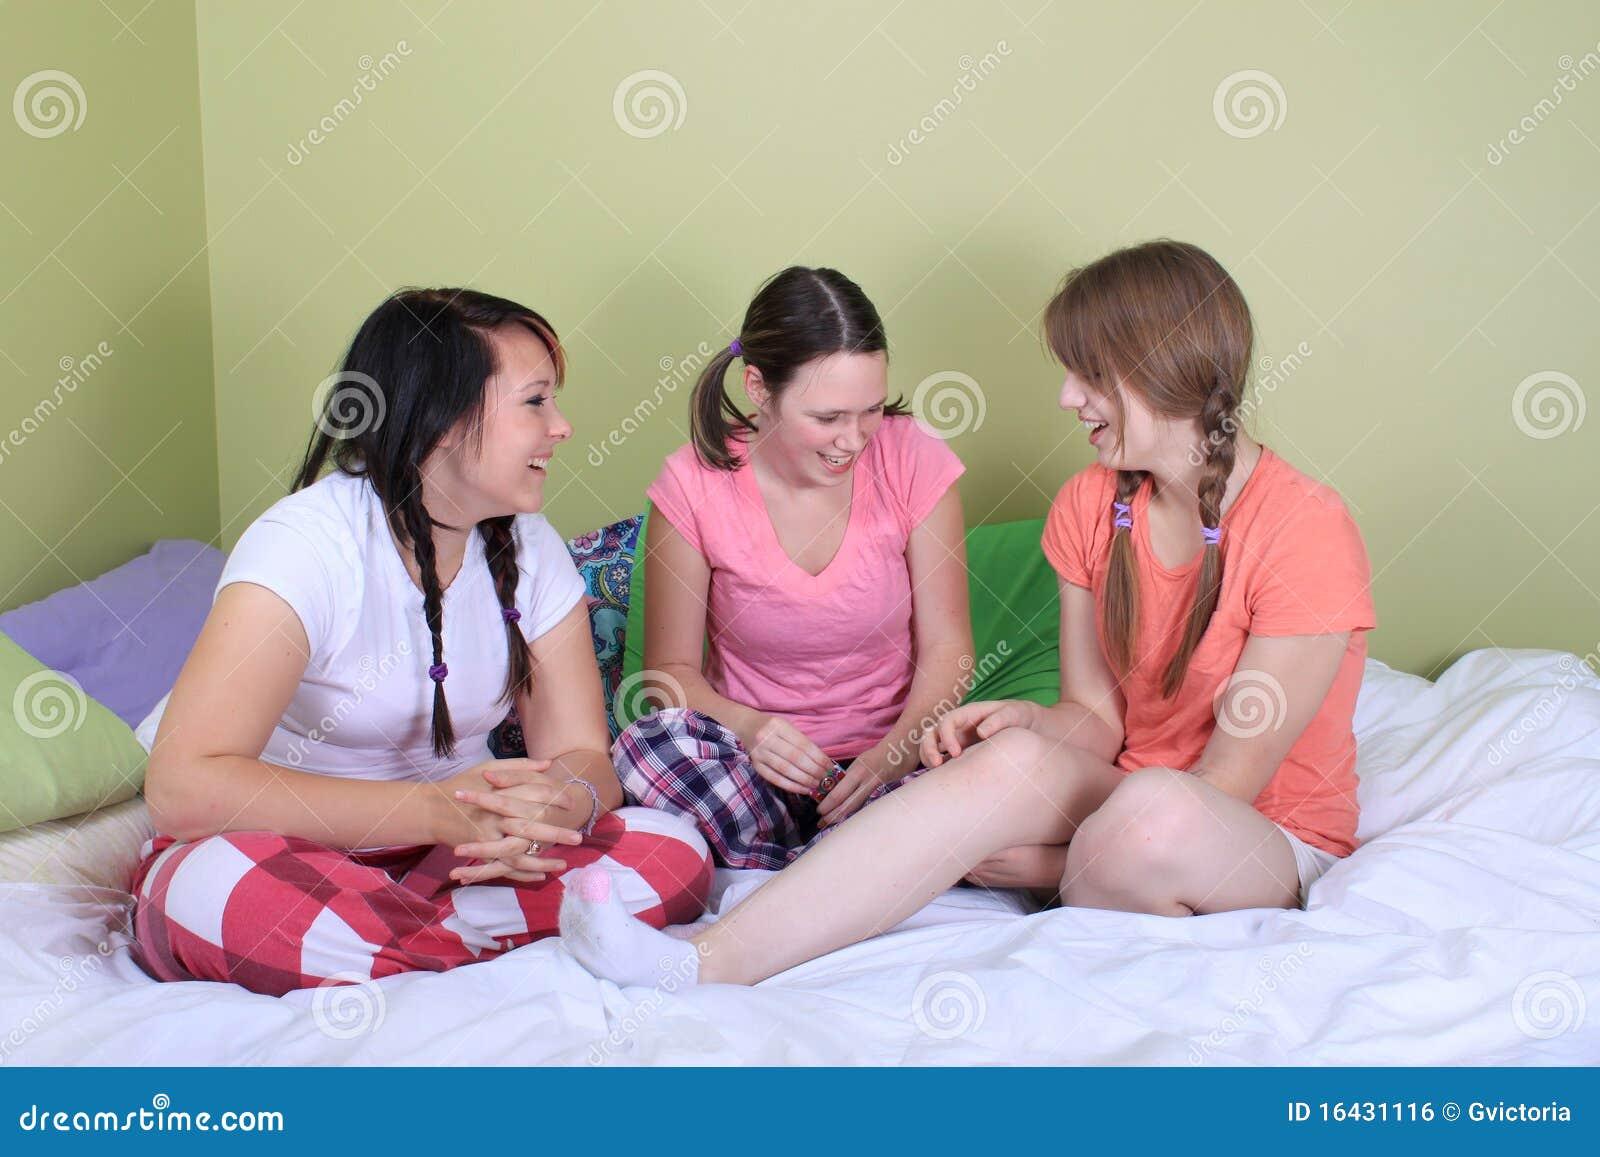 teen girls nude at sleep over